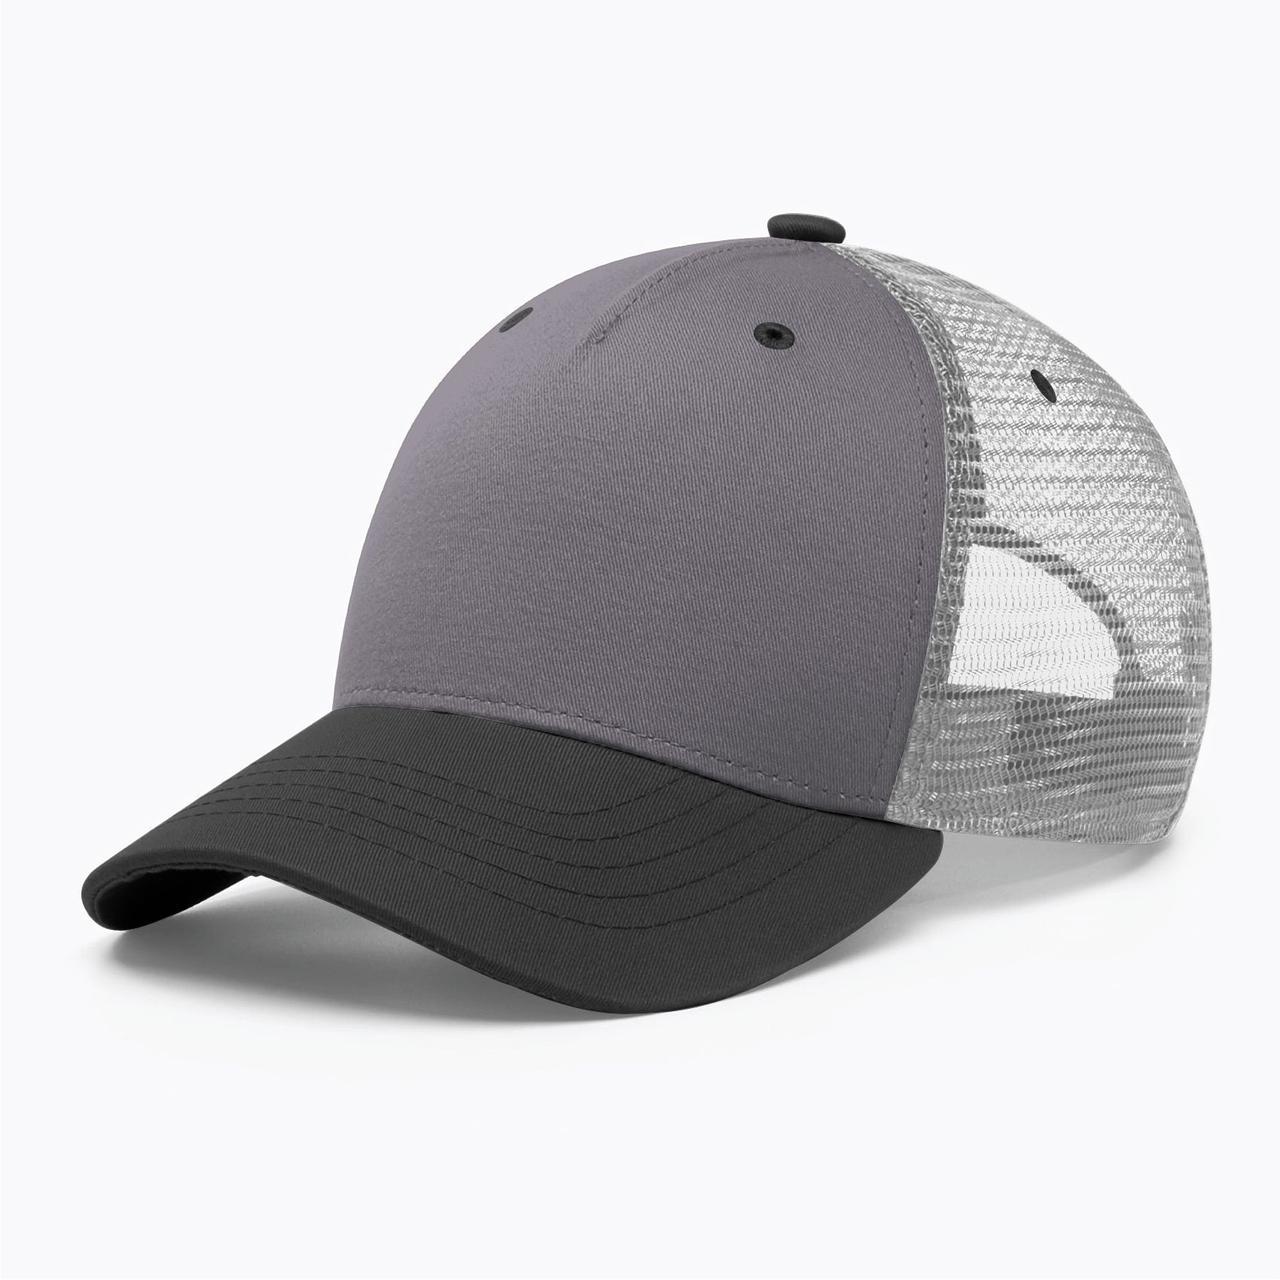 Кепка бейсболка Тракер INAL blank S / 53-54 RU Серый 89853